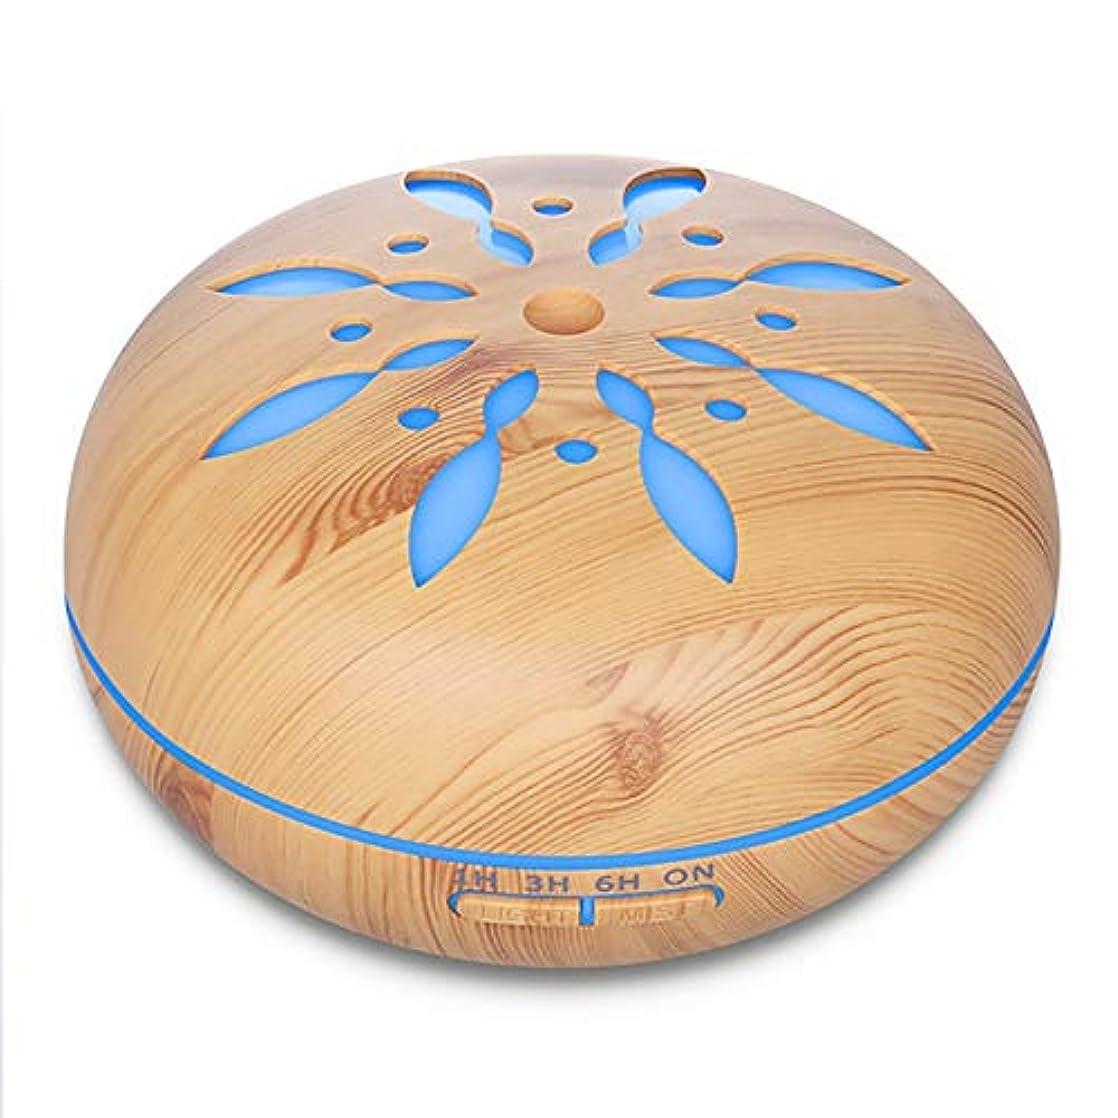 パス飢えた侮辱アロマセラピー超音波加湿器300ml エッセンシャルオイルディフューザー7色 LED 4 タイマー空気清浄ベビー加湿器ホームオフィスベビーベッドルーム